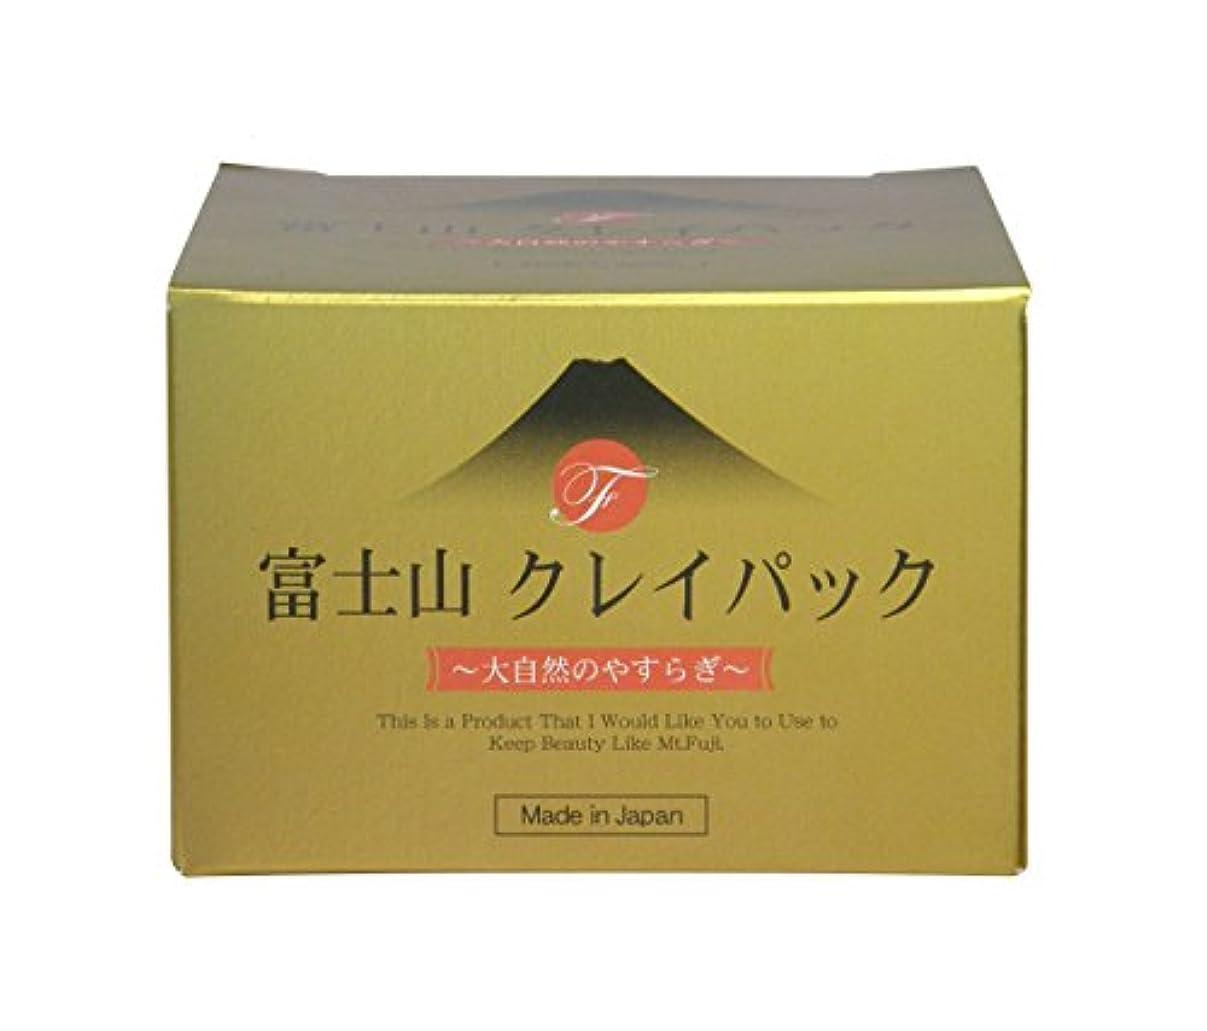 作物日記スクラップ富士山 クレイパック 130g